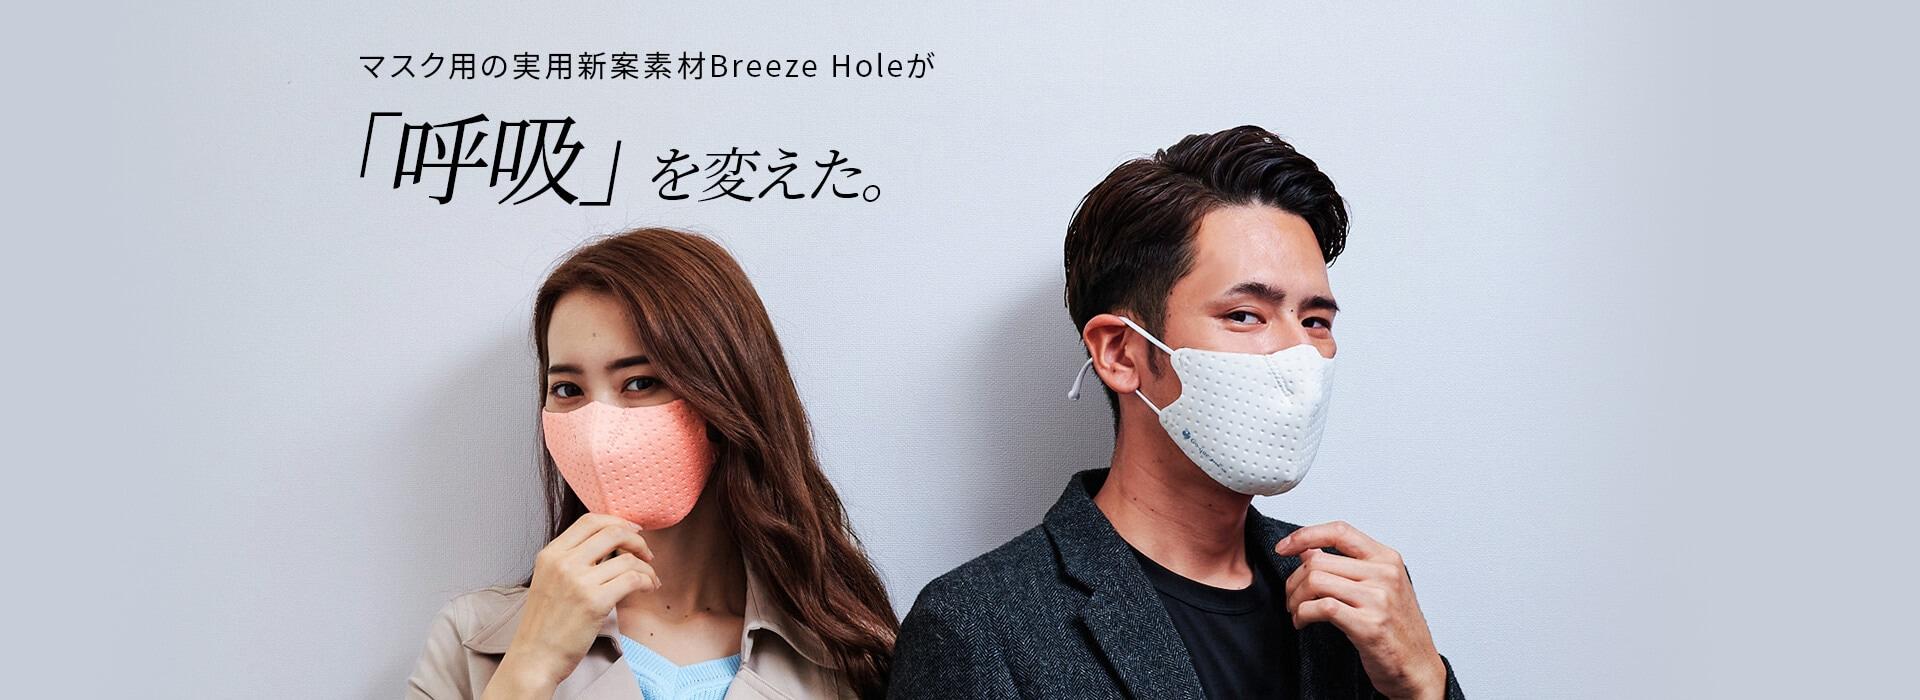 マスク用の実用新案素材Breeze Holeが「呼吸」を変えた。